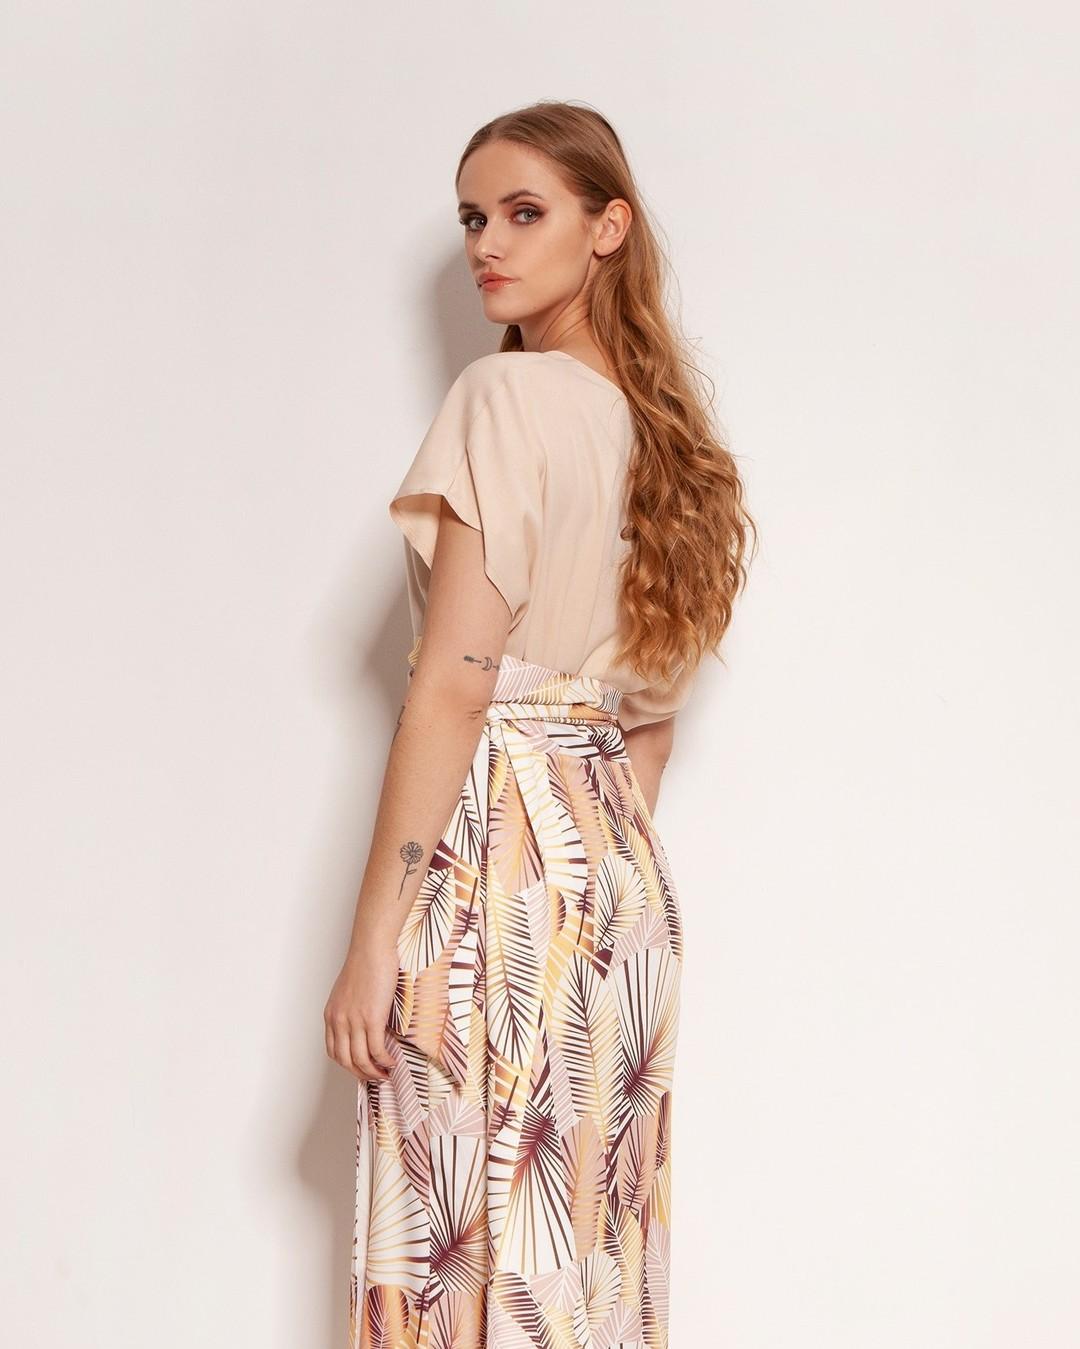 Owijasz się nią i, jak za dotknięciem czarodziejskiej różdżki, jesteś gotowa na wielkie wyjście! Uszyta z wysokiej jakości materiału, wykończona z dbałością o detale, zachwyca prostotą i urokiem. #spodnica #spódnica #moda #polishgirl #wiosna #stylizacja #butik #fashion #simplycomfort #ubrania #polskadziewczyna #styl #bluzka #ootd #clothes #kobieta #odzież #elegancja #skirt #zakupyonline #style #outfit #spodniczka #polishwoman #new #nowosci #idziewiosna #lanti #elegantstyle ##pięknawygoda